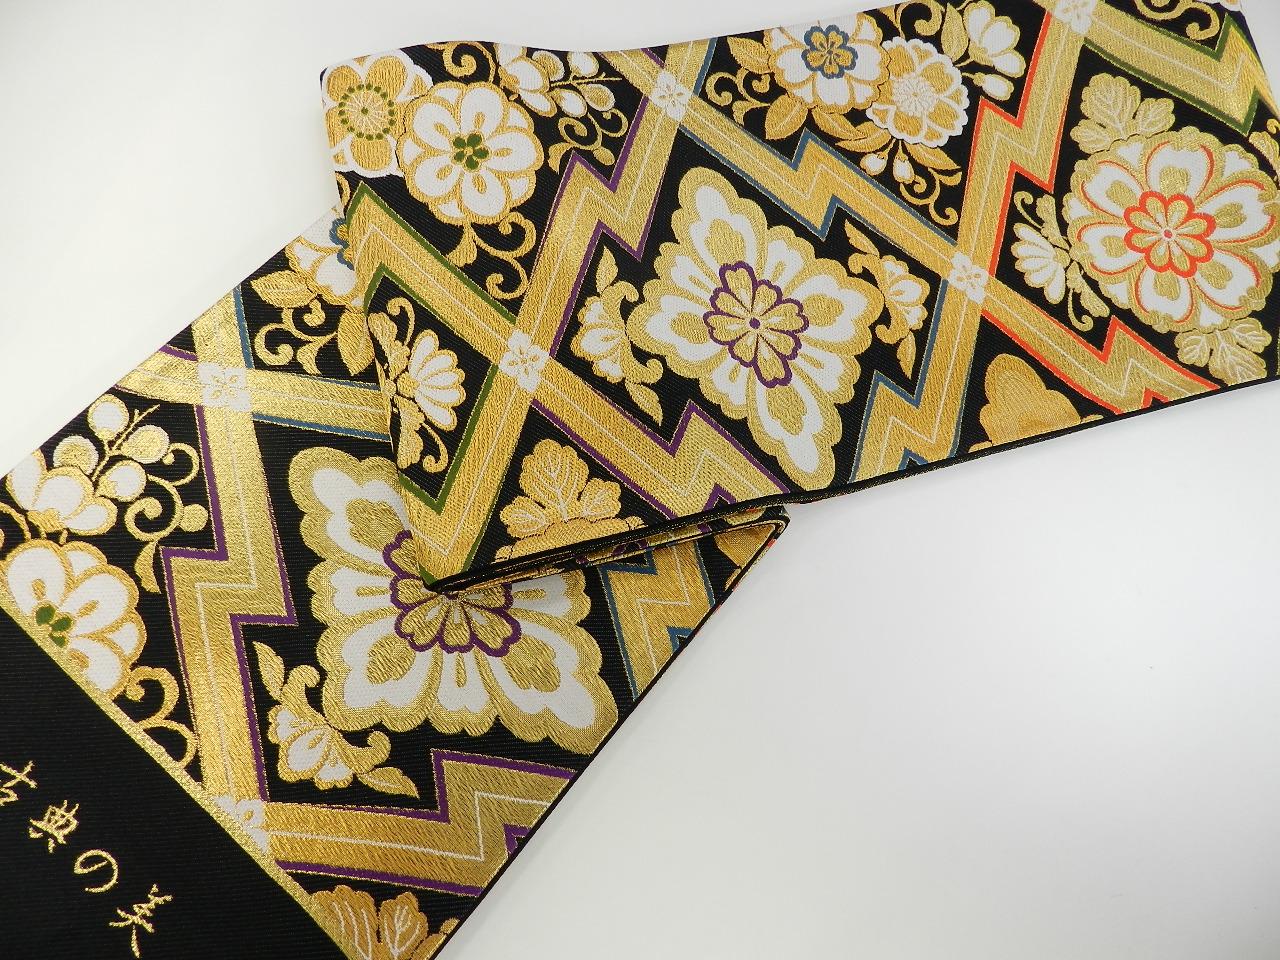 正絹 西陣 袋帯日本製 未仕立てフォーマル帯サービス限定品今なら 仕立て代金無料